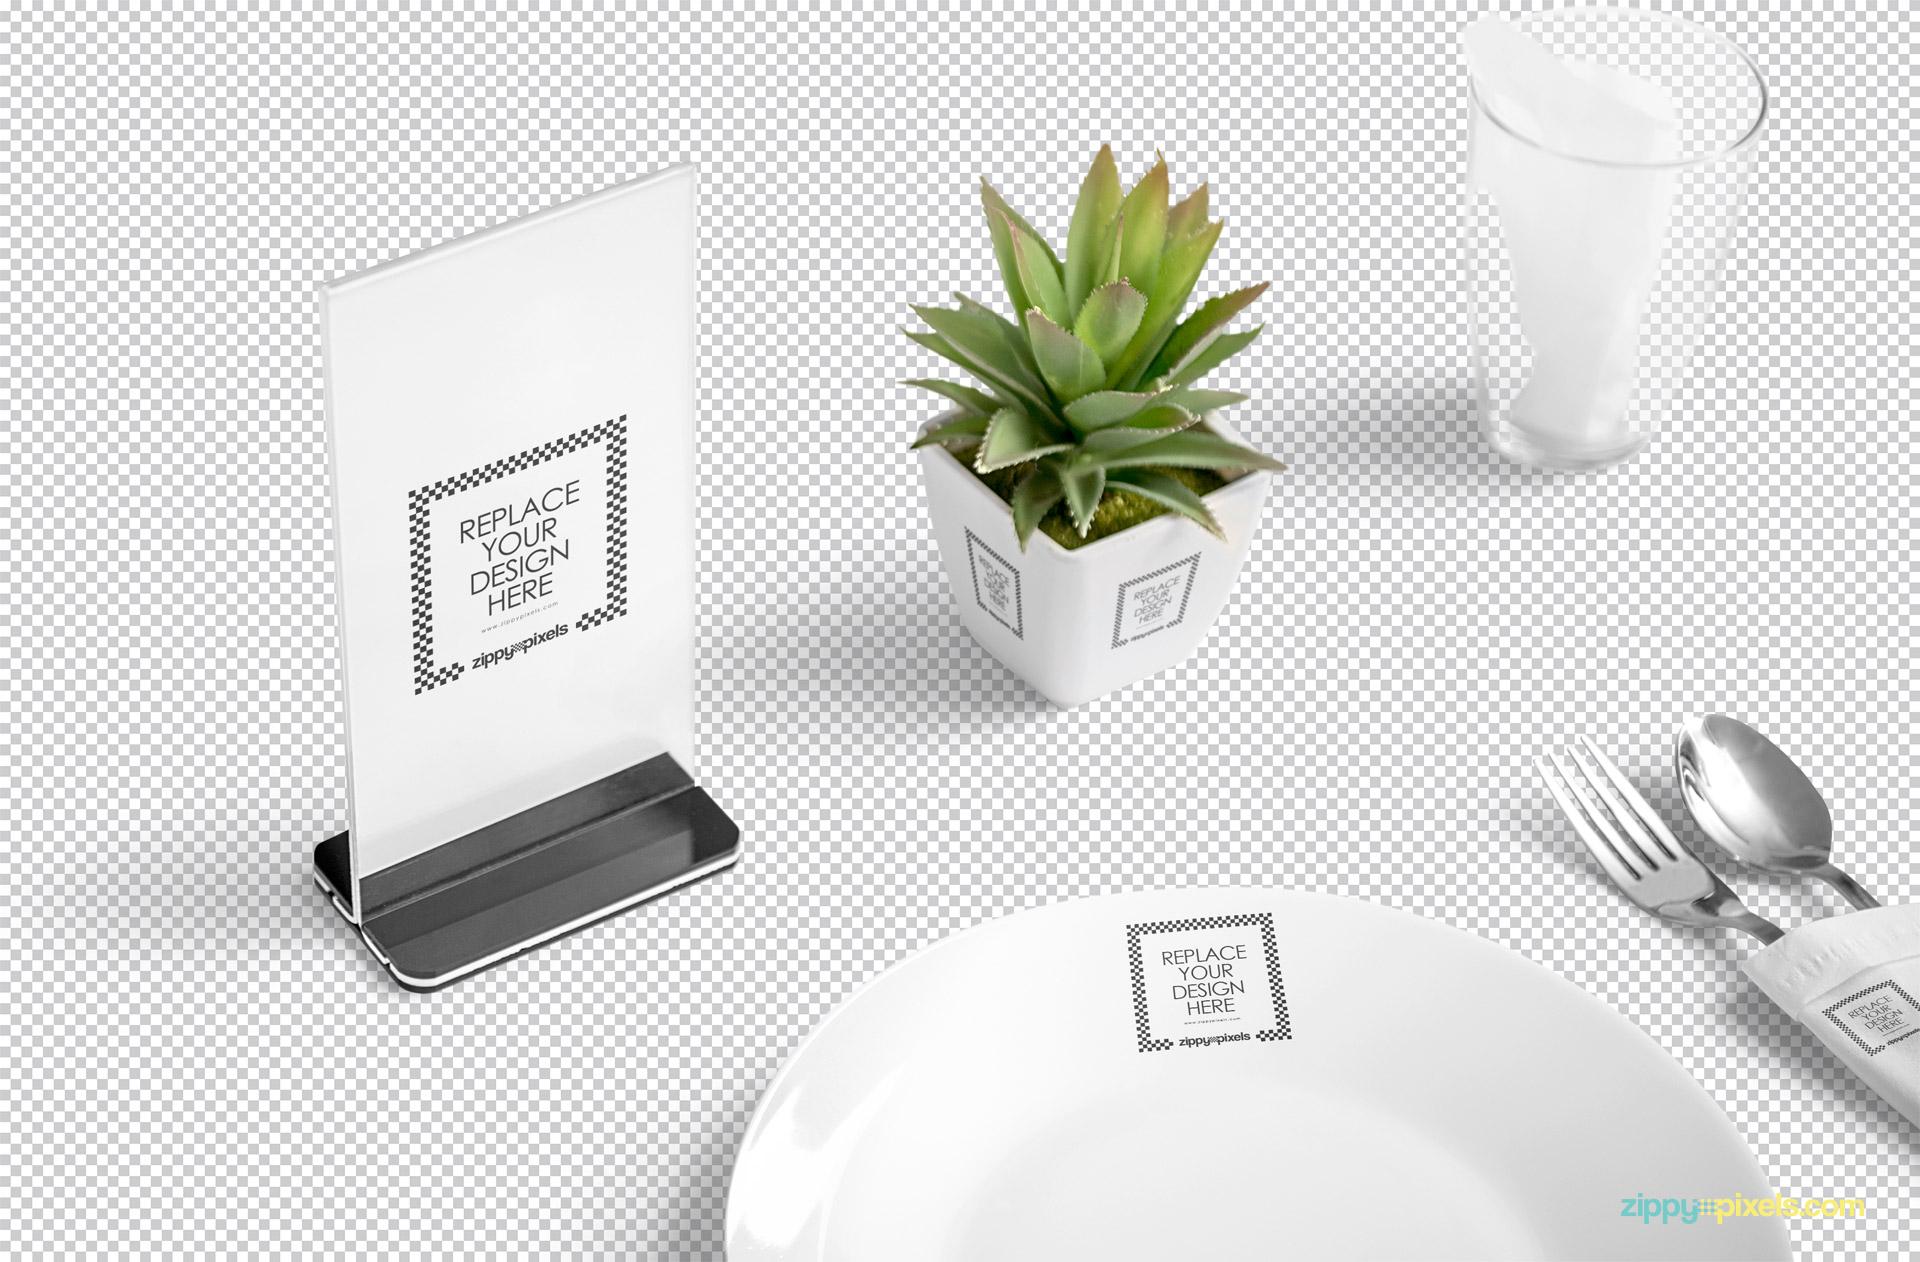 PSD of the table menu mockup scene.